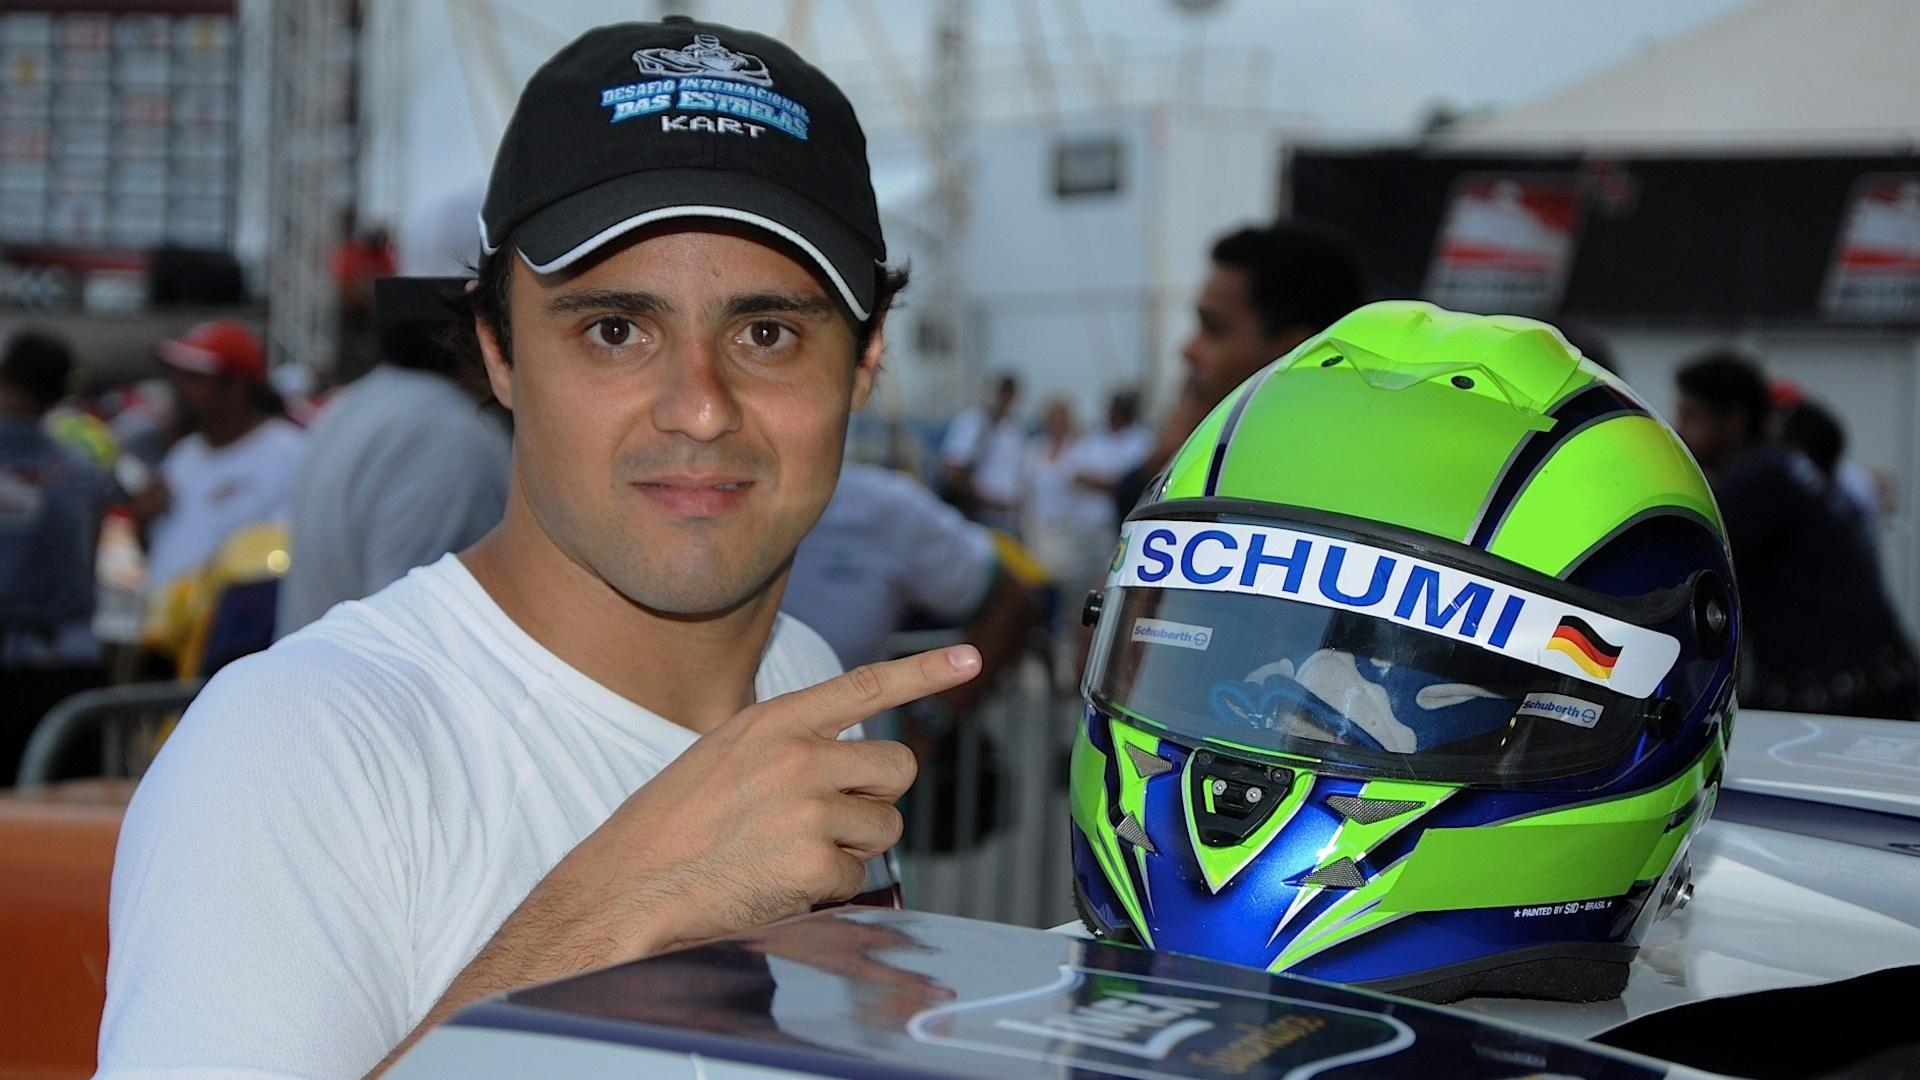 11.01.14 - Massa com capacete em homenagem a Schumacher no Desafio das Estrelas